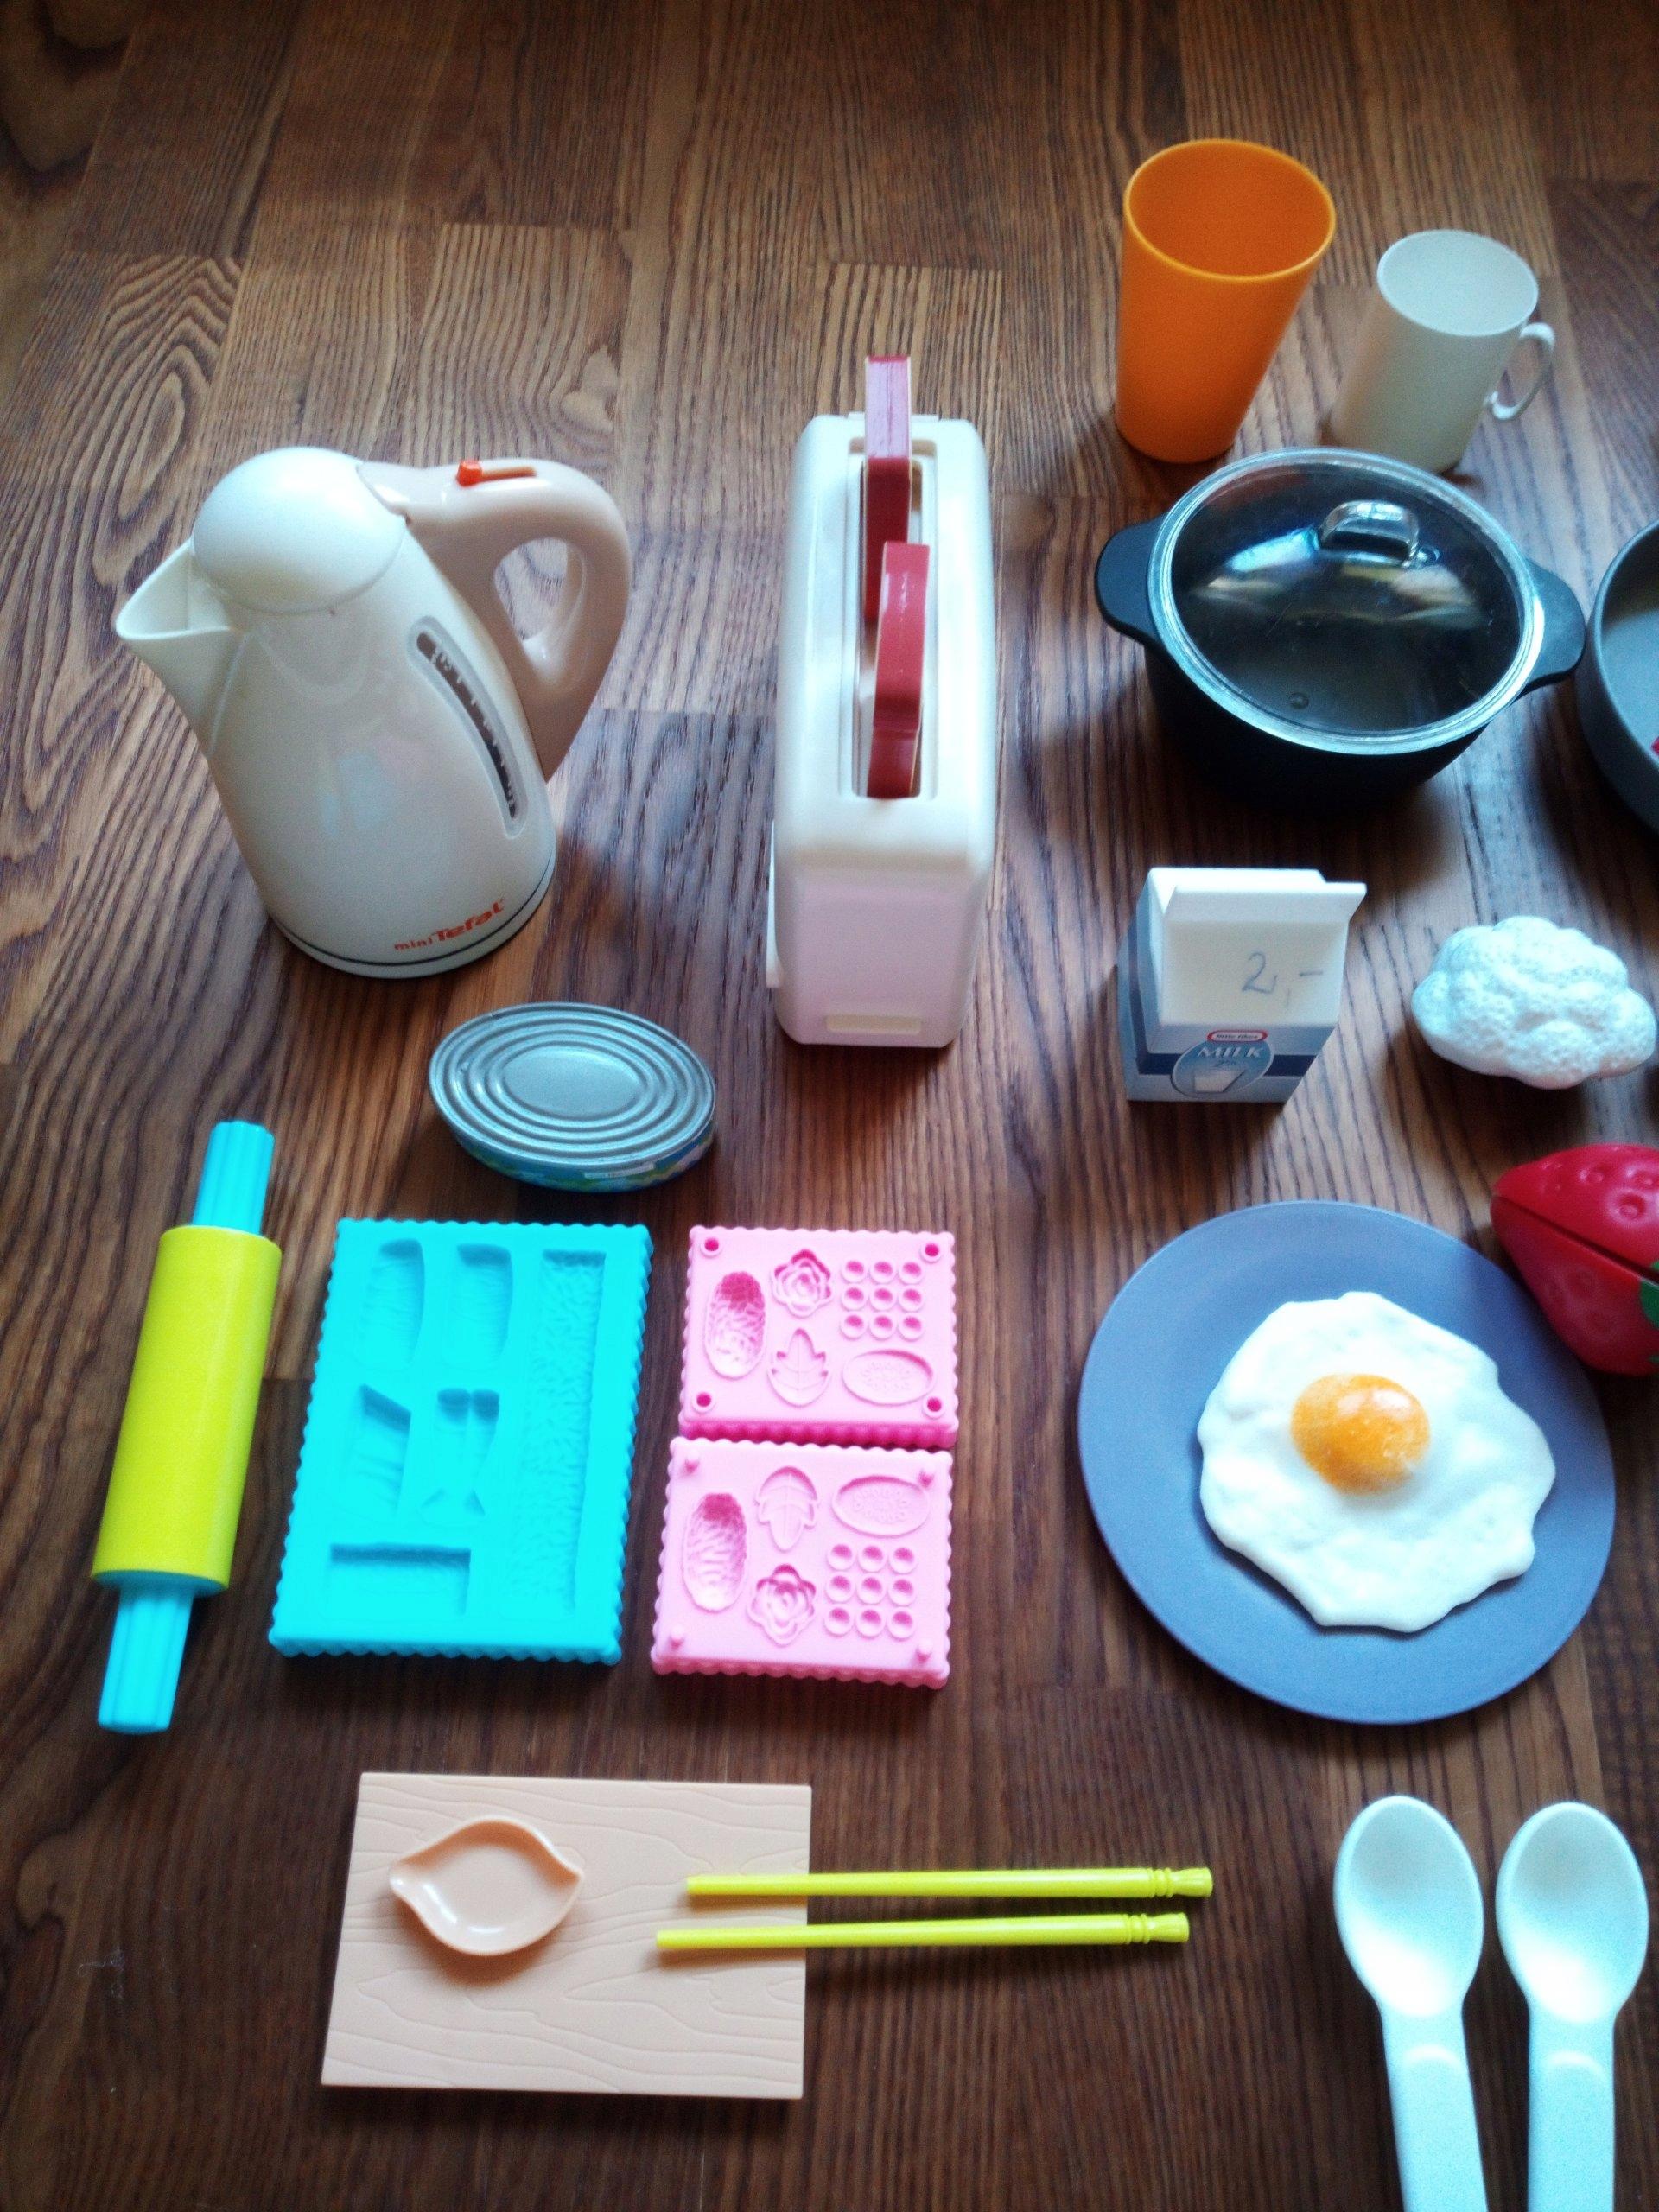 przybory kuchenne, zabawki kuchenne, 46 elementów